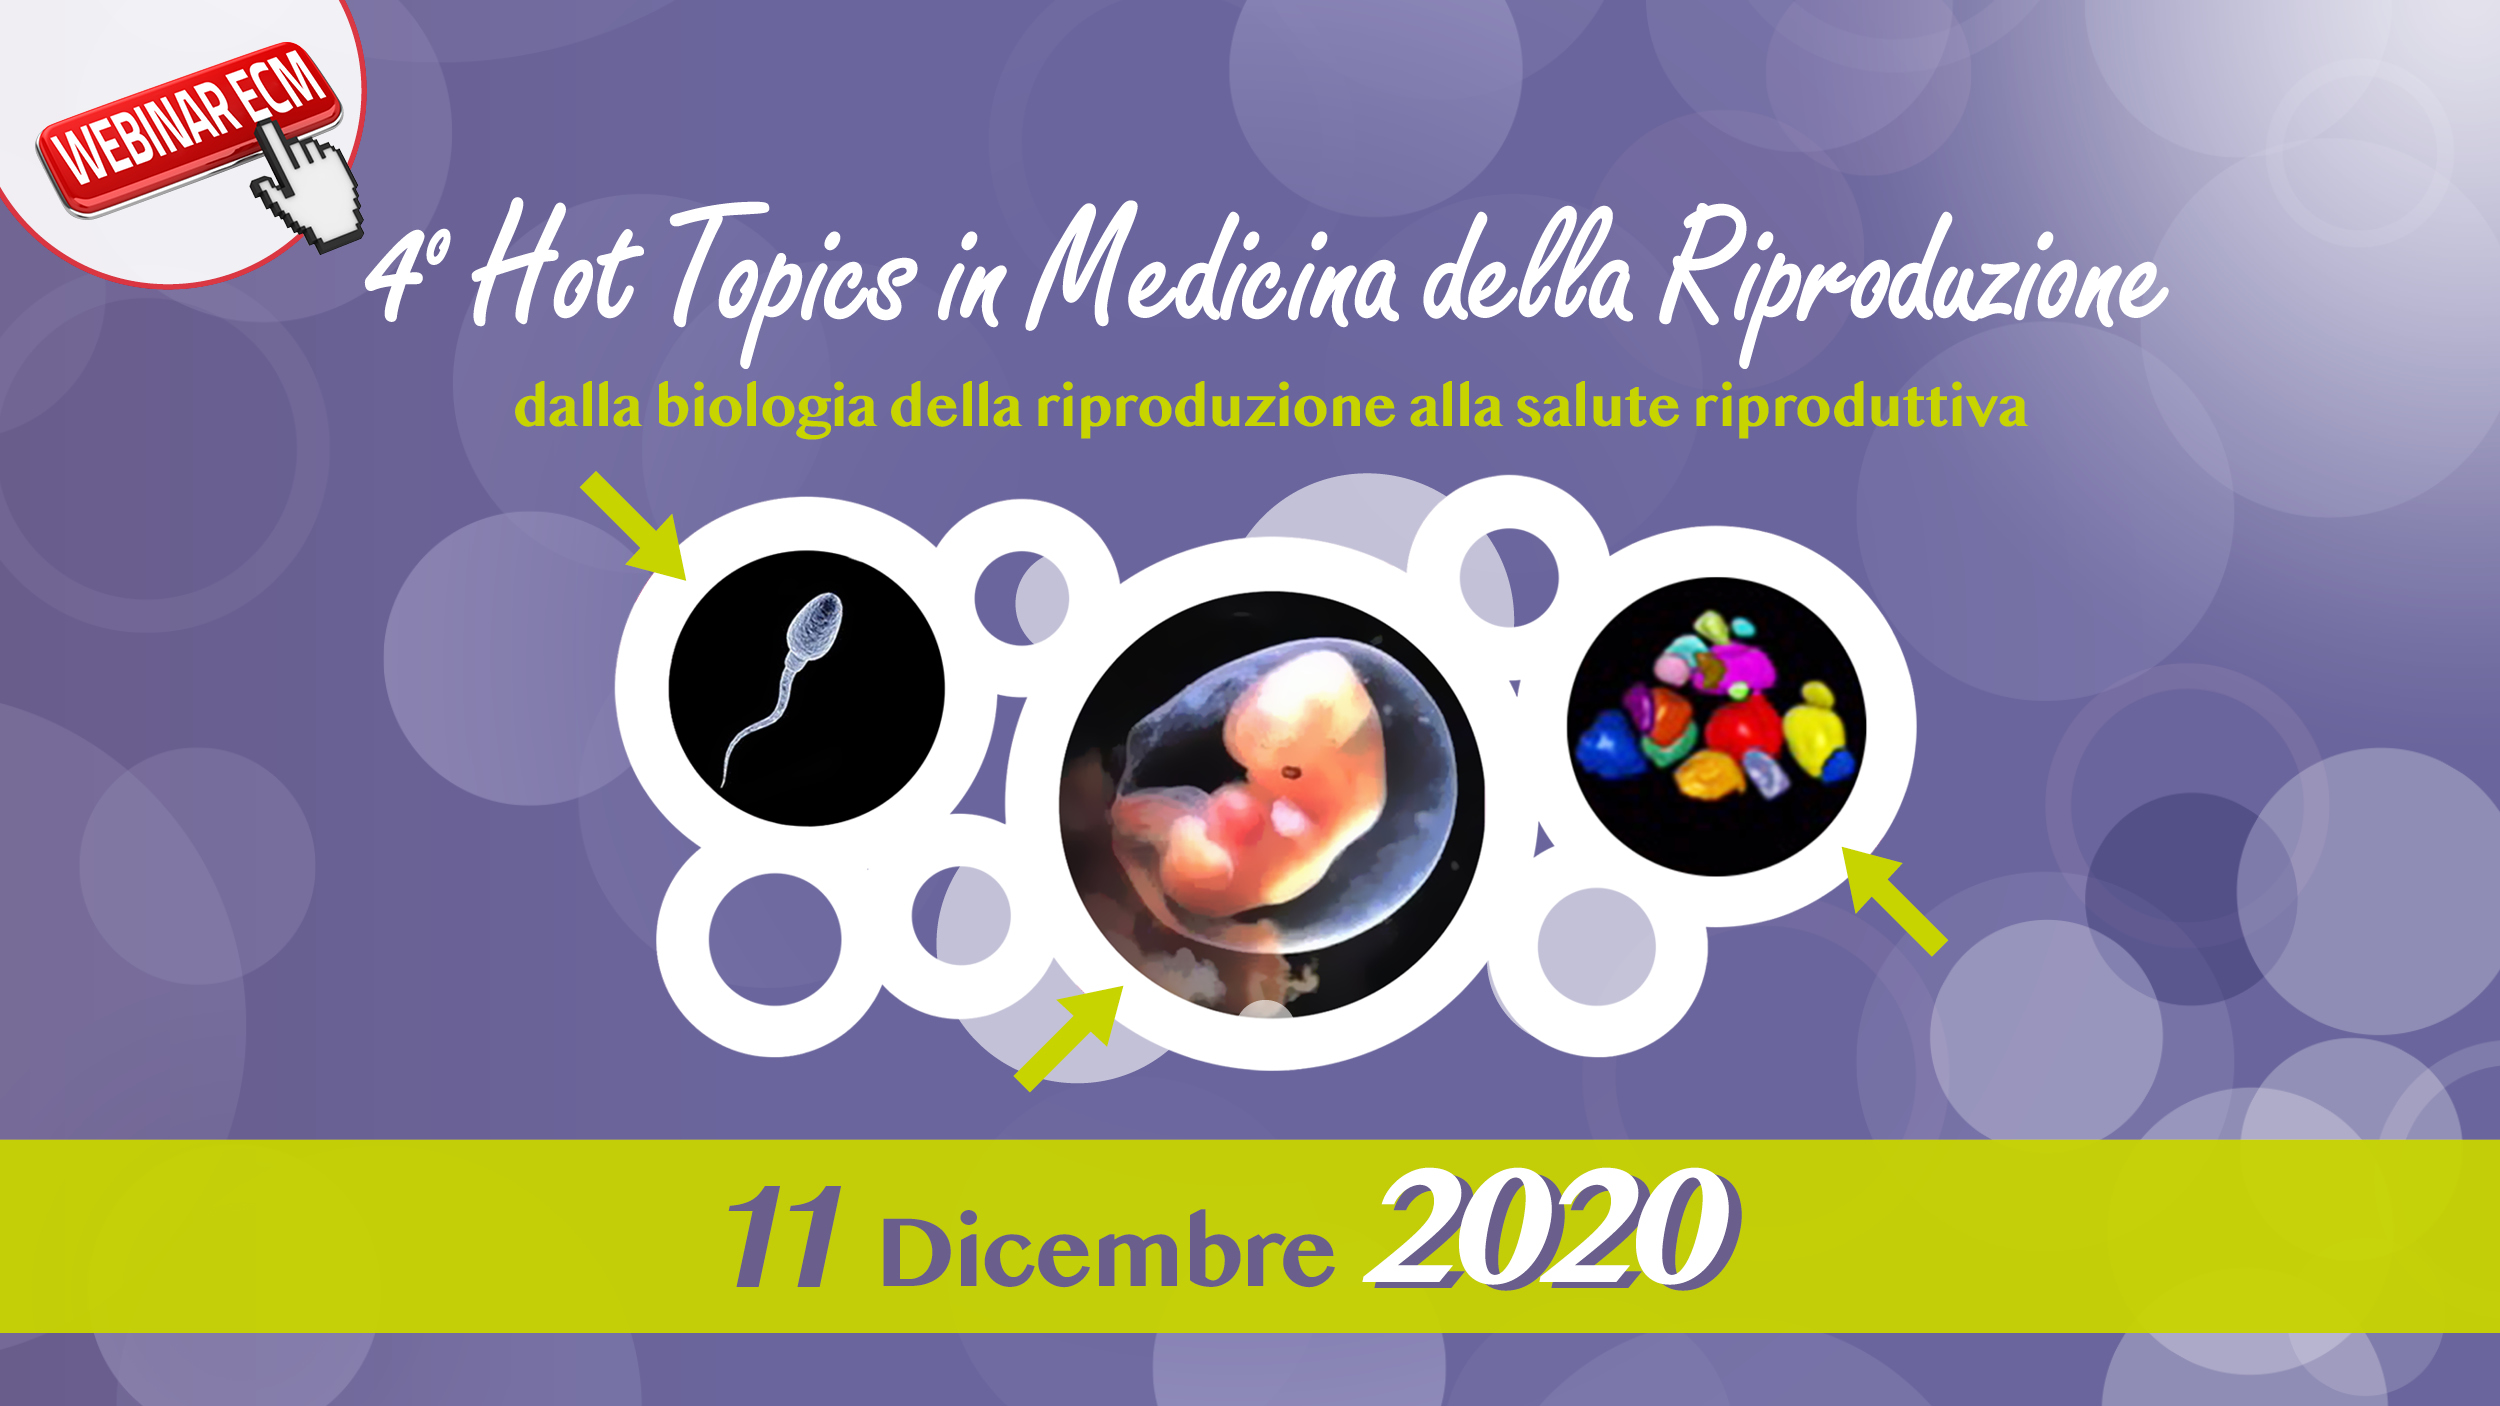 4° Hot Topics in Medicina della riproduzione